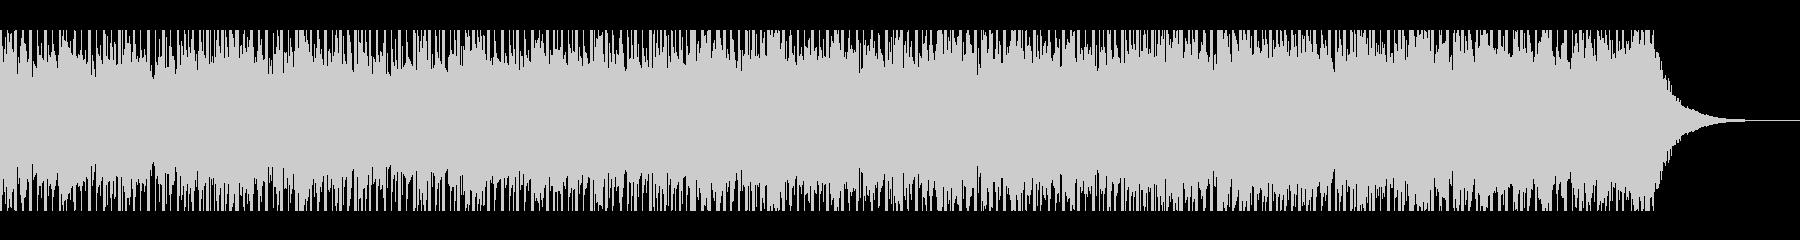 深刻な始まり(60秒)の未再生の波形